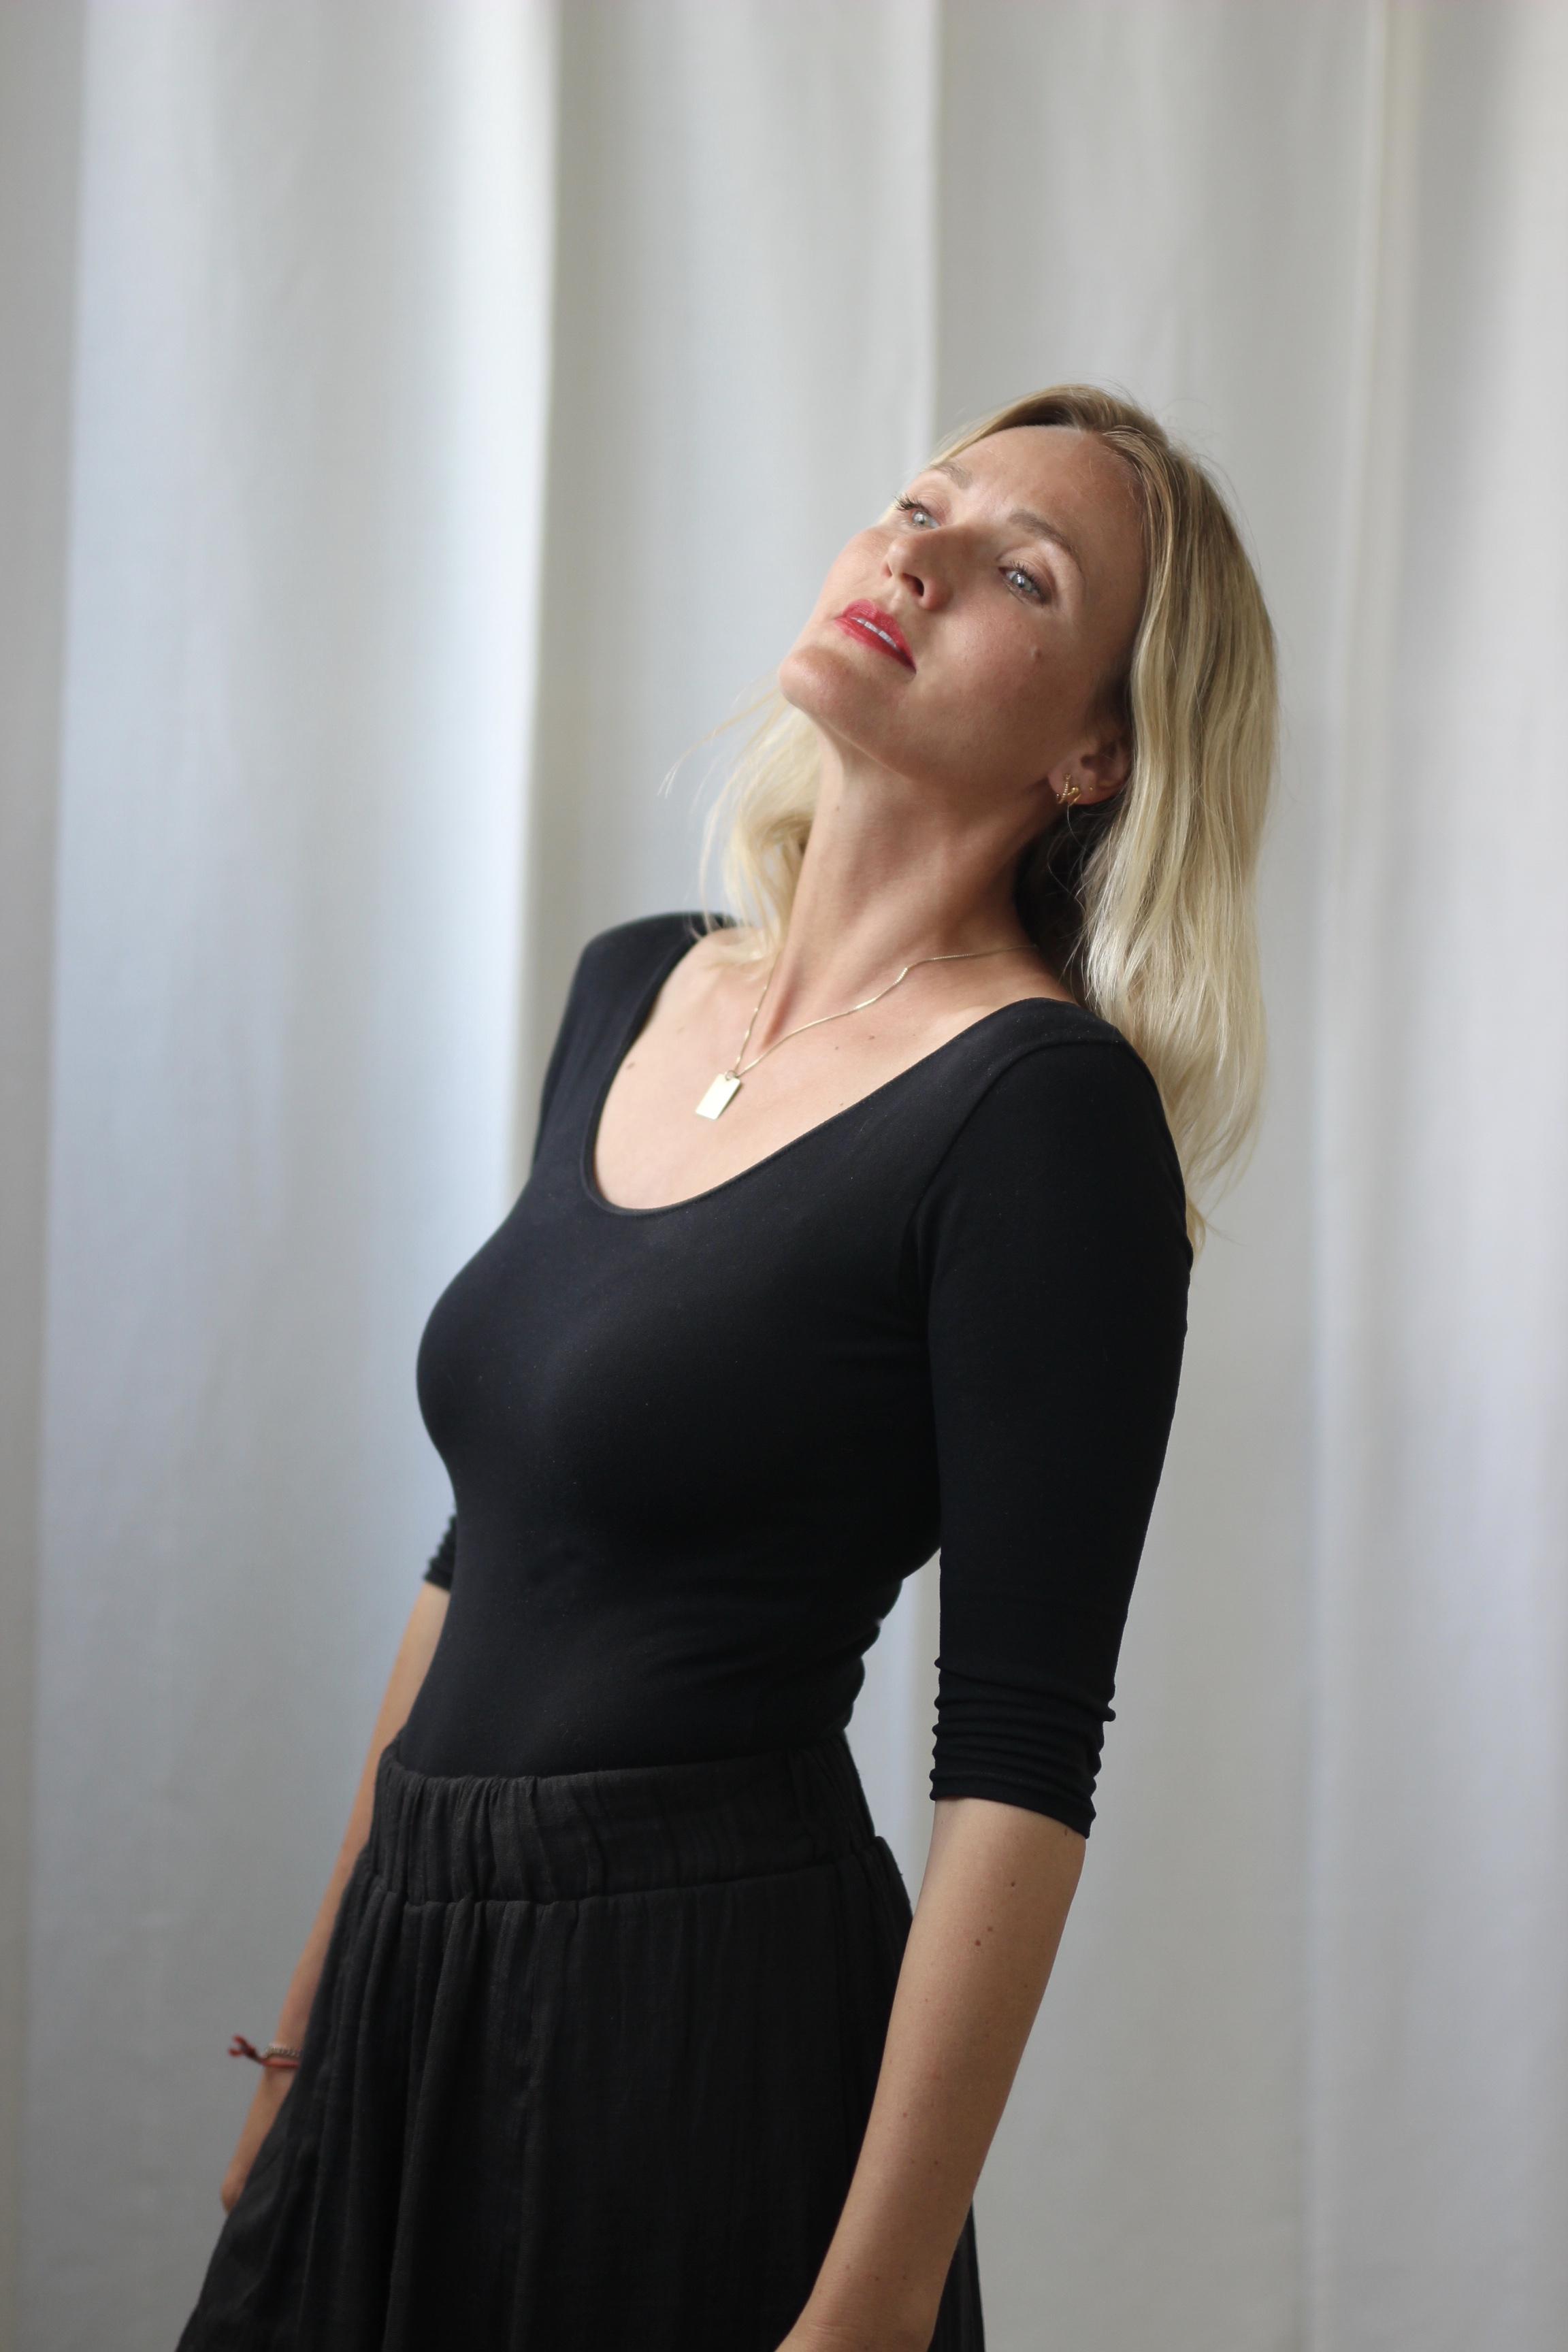 Marie Louise Tüxen, der udgiver romanen 'Jeg ser mig selv som rytmisk' d. 11. oktober 2017. Foto: Nina Dissing.